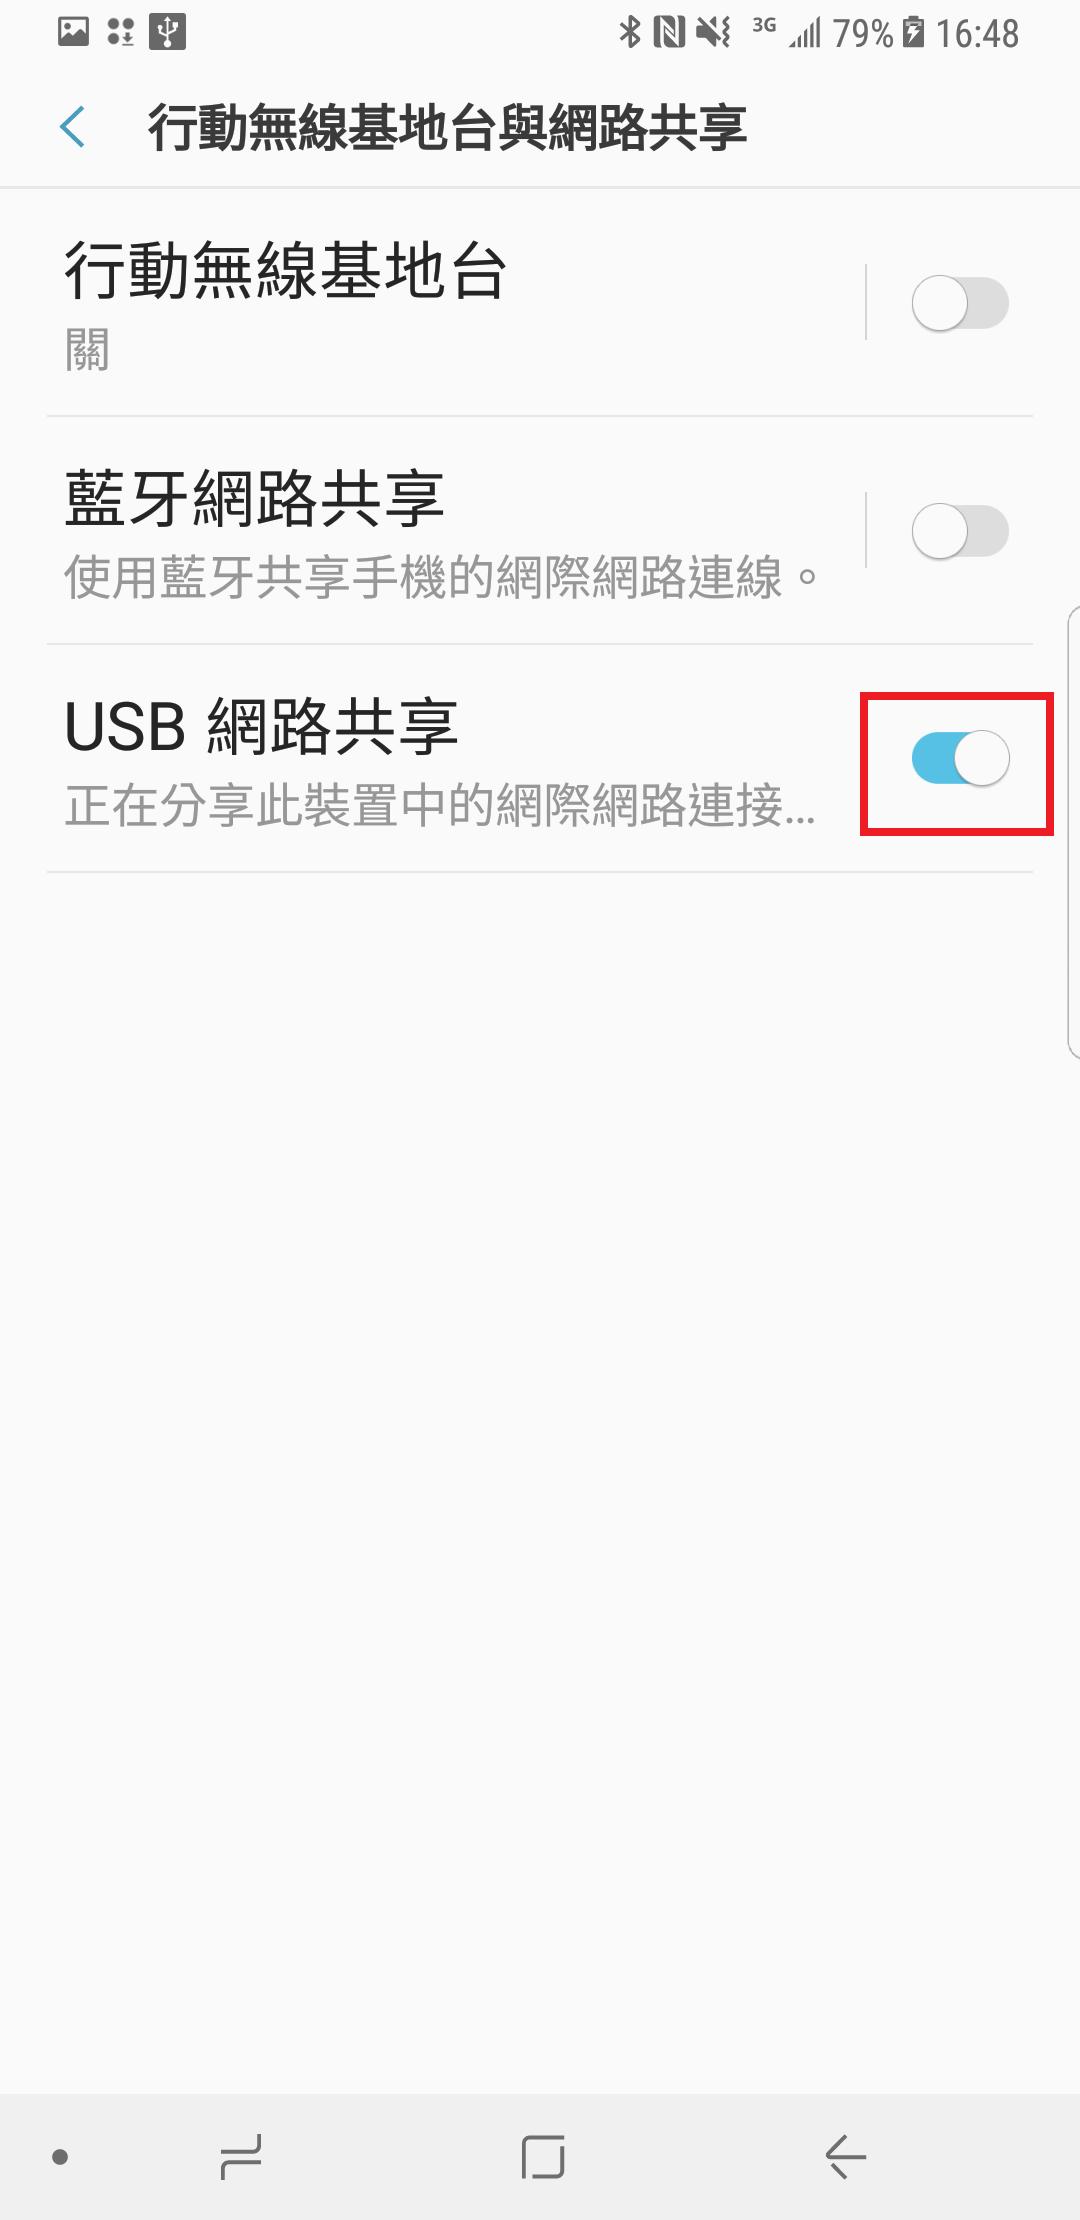 S8 / S8+ 如何將網路分享給電腦或其他手機使用?